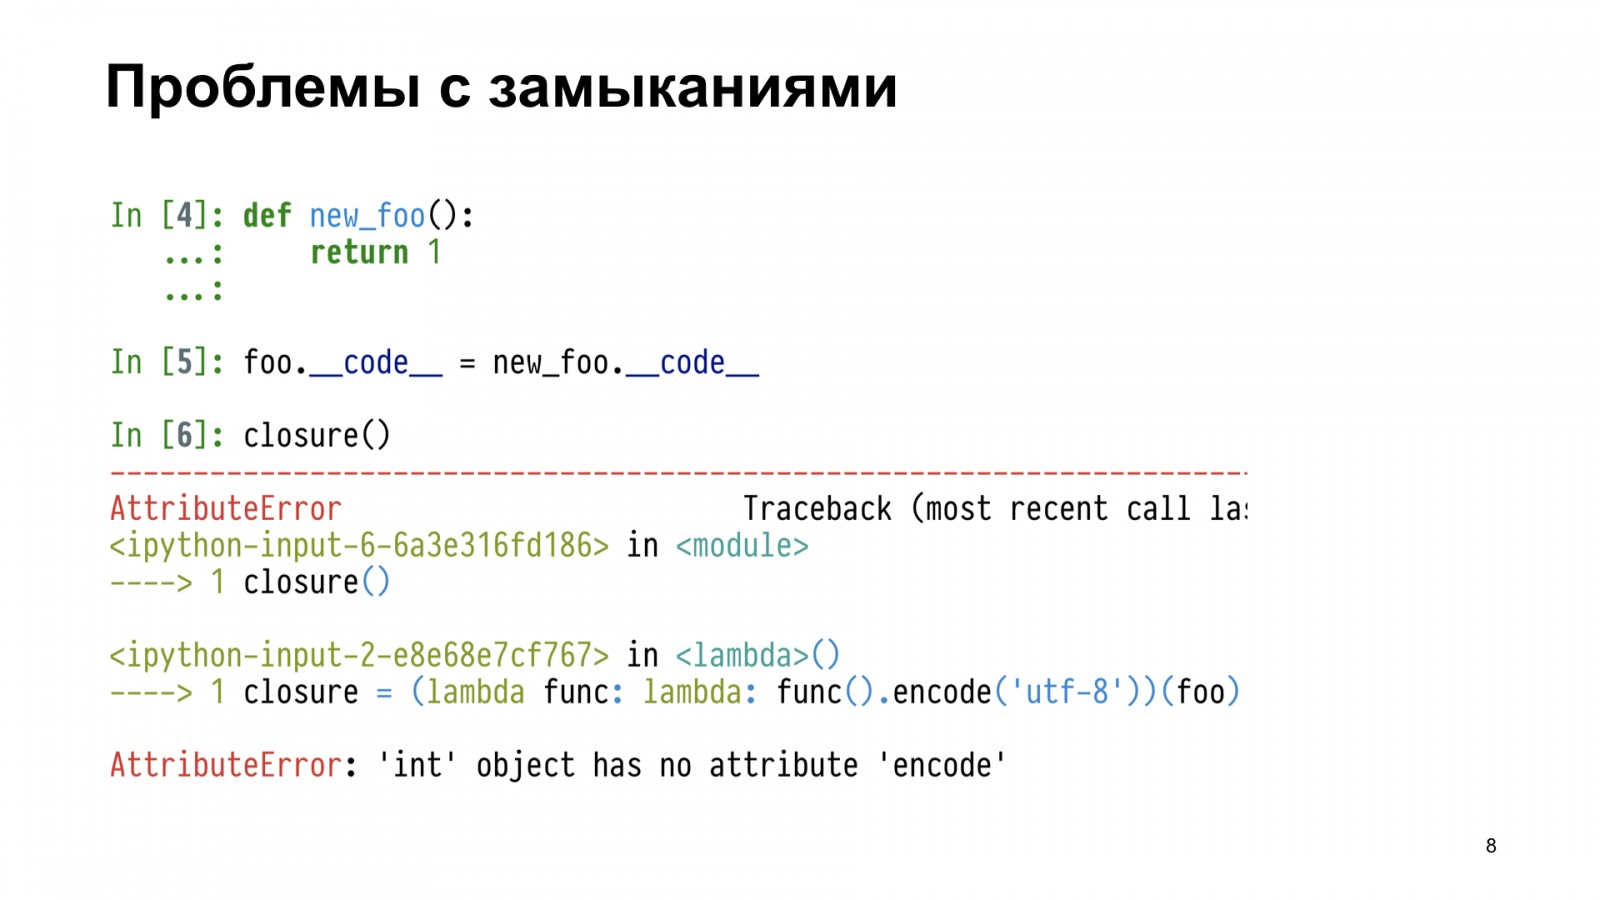 Бесполезный REPL. Доклад Яндекса - 8